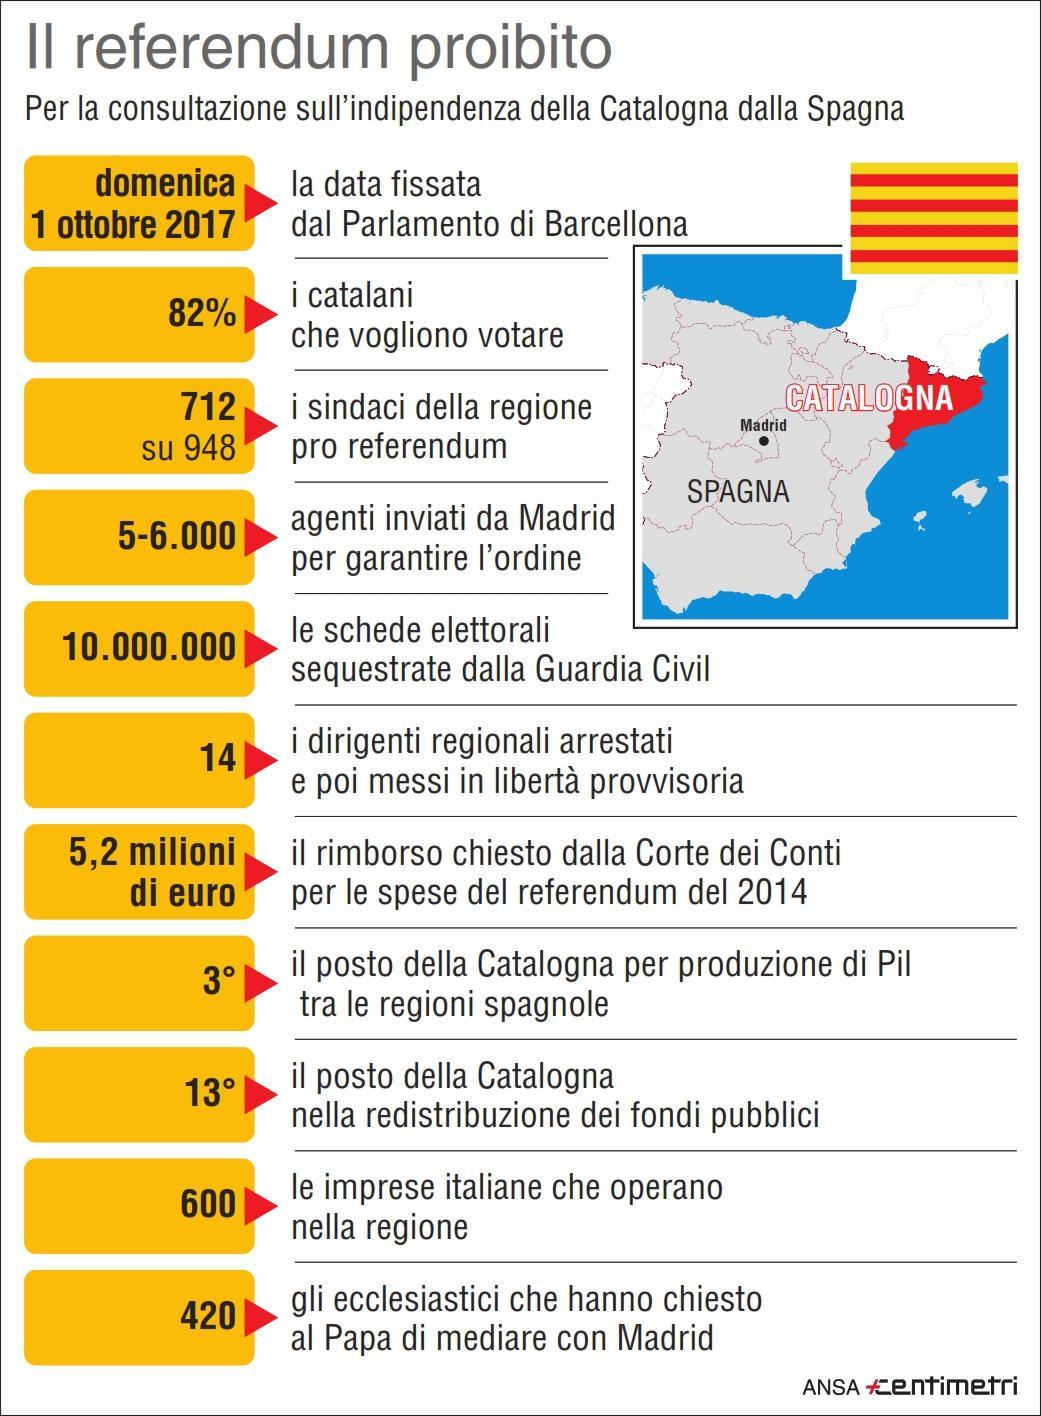 Catalogna, il referendum proibito in cifre